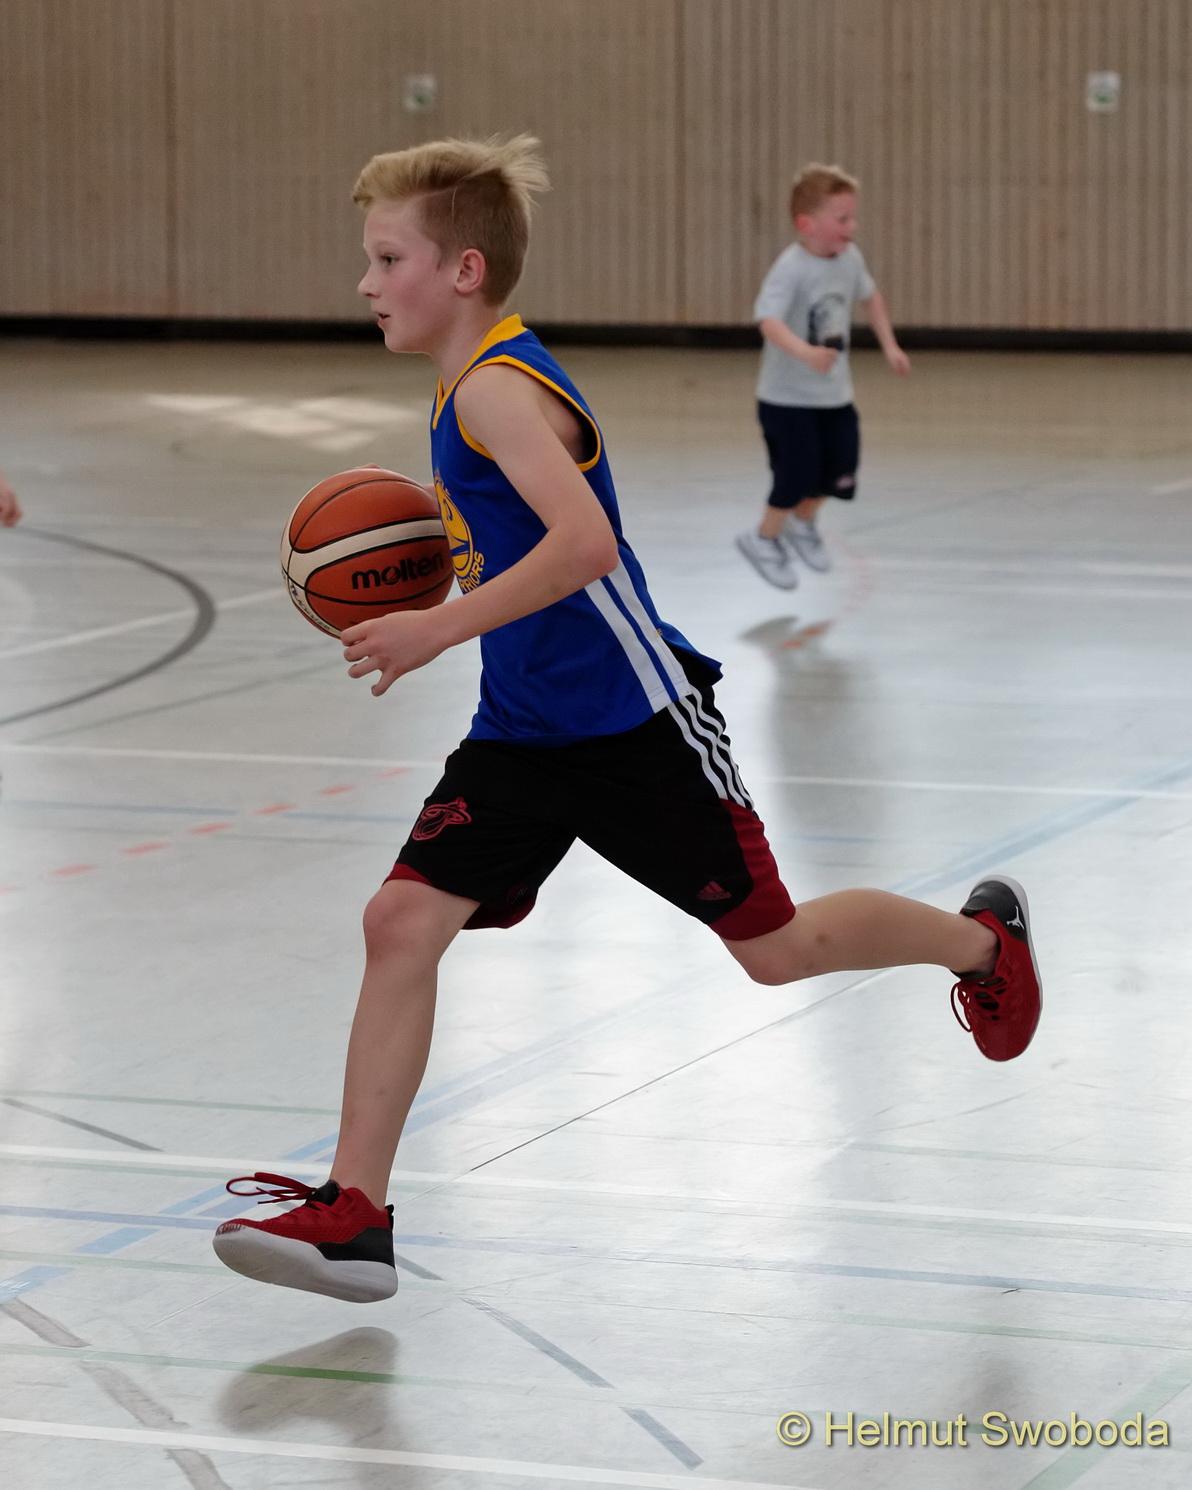 d170402-165048700-100-basketball_weilheim-mixed-turnier_33813683855_o